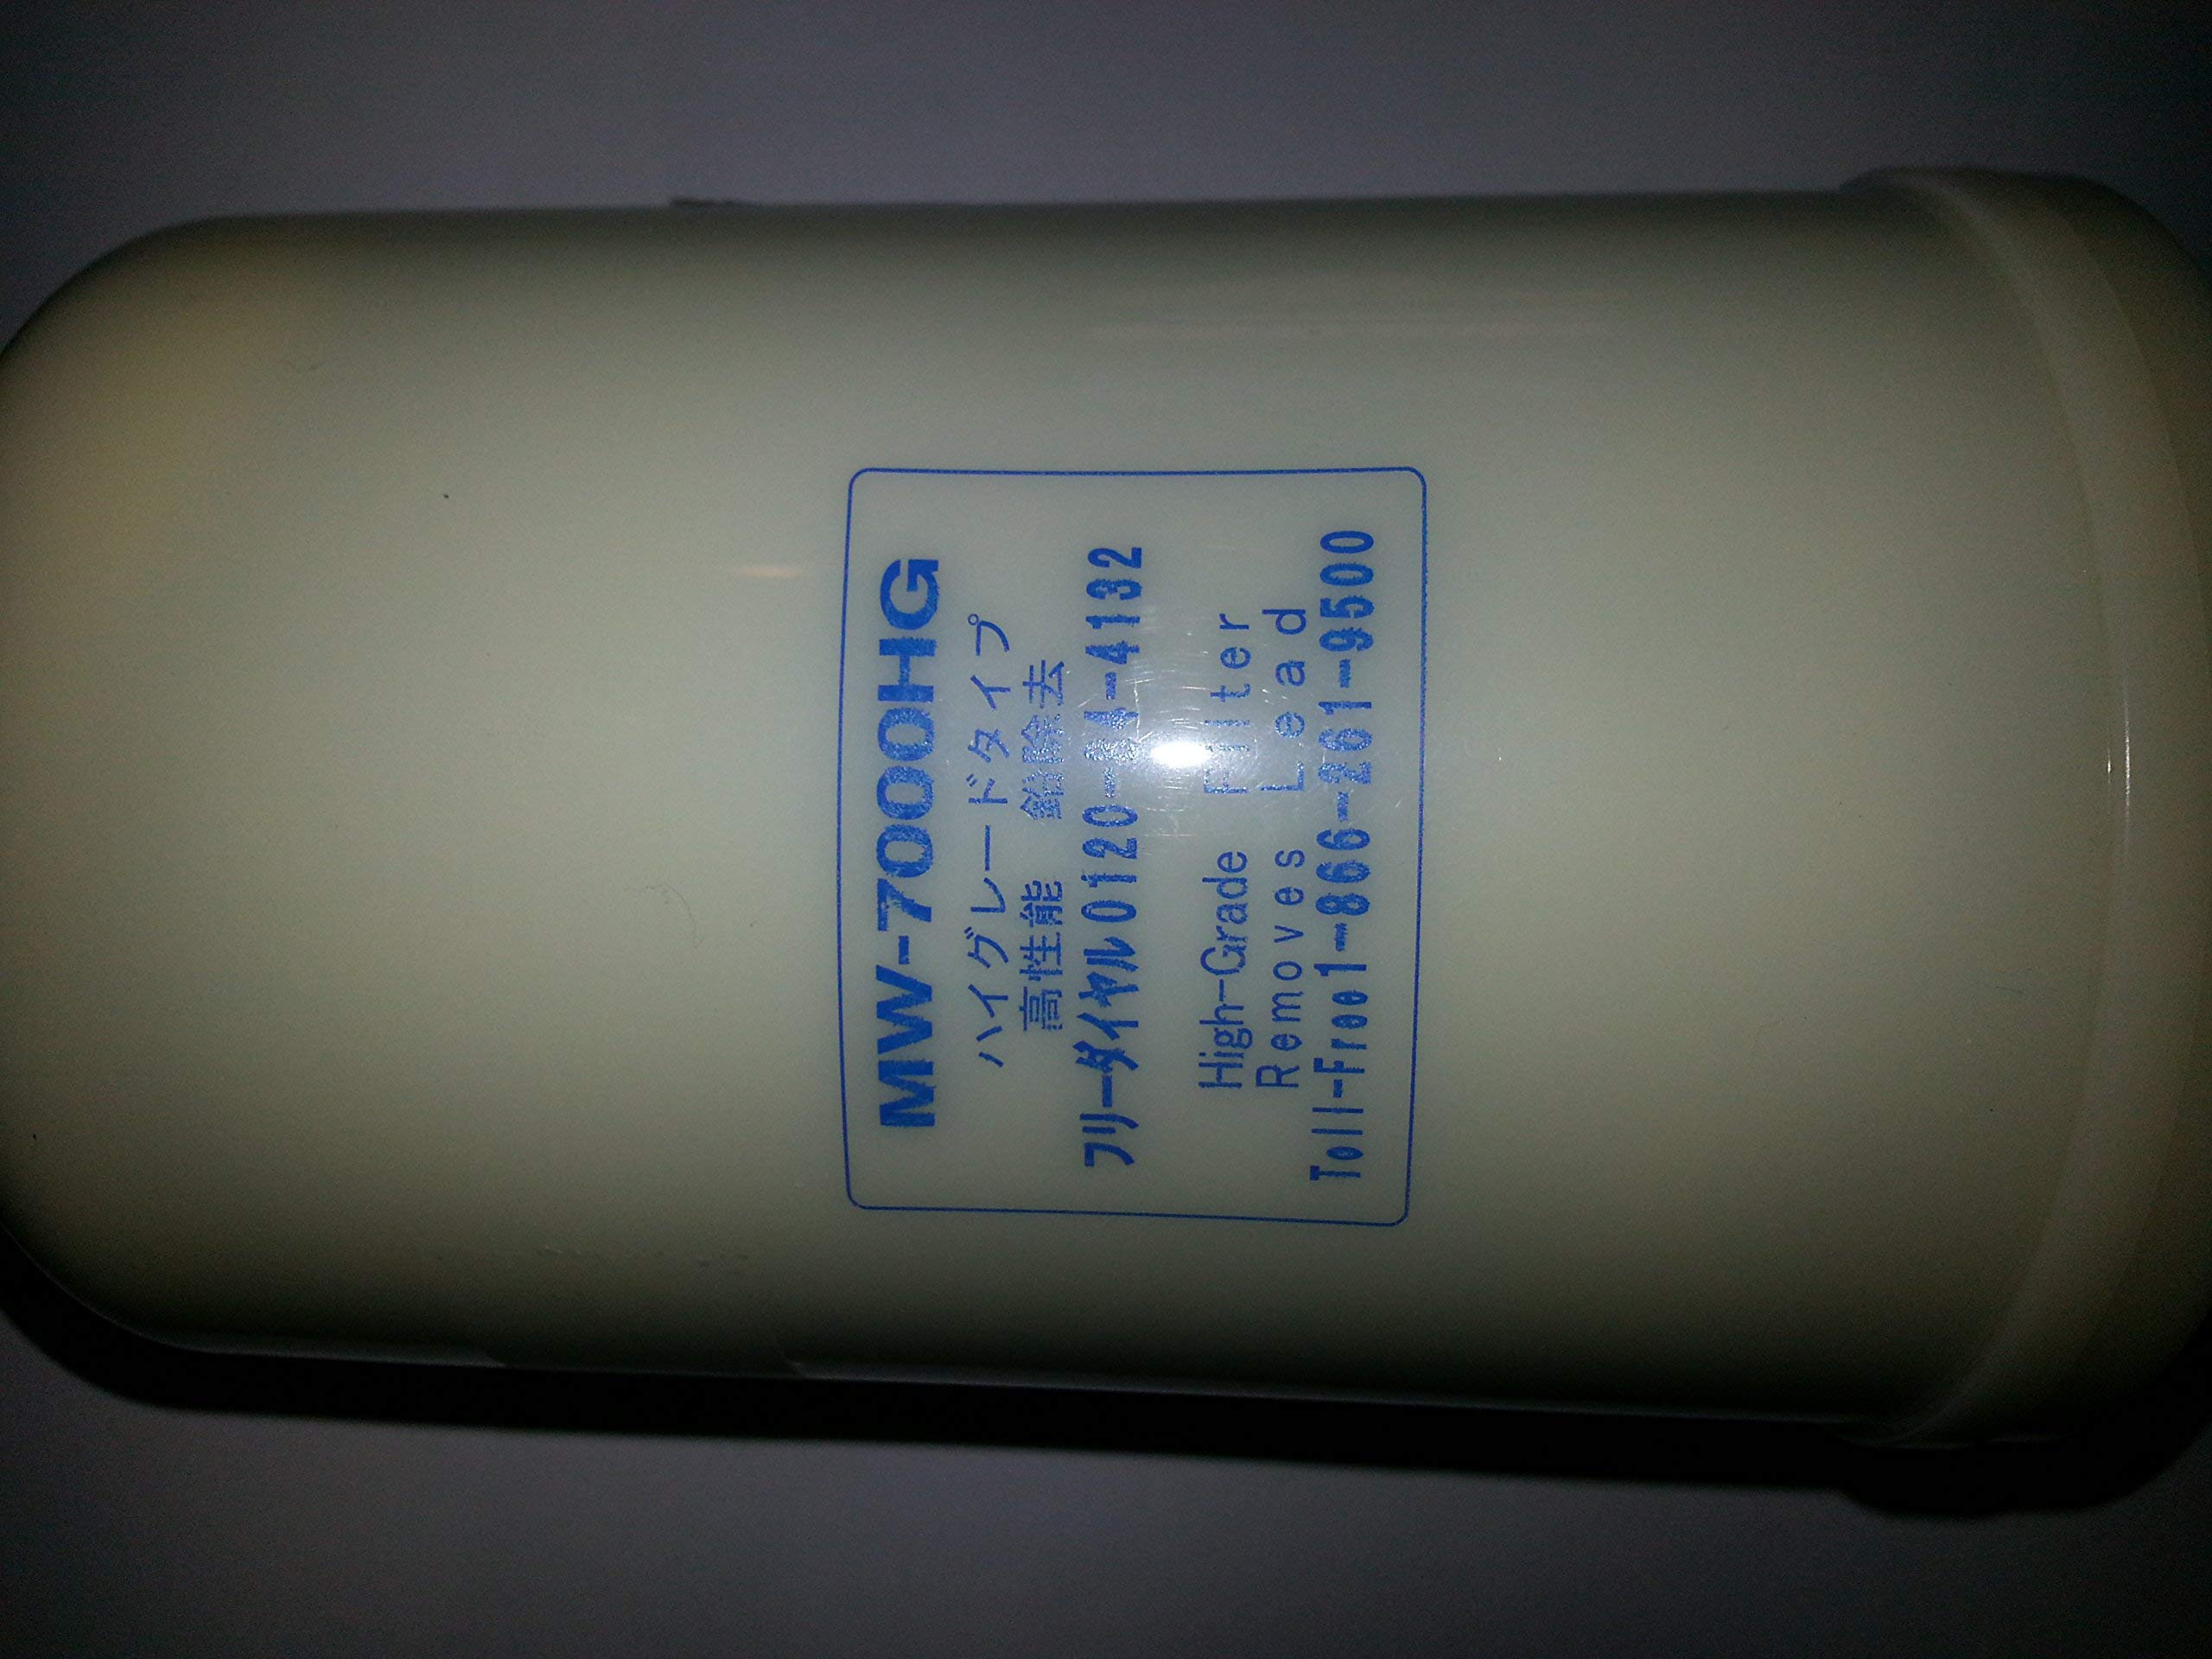 Leveluk Series Water Filter HG Type (MW-7000HG) by Enagic